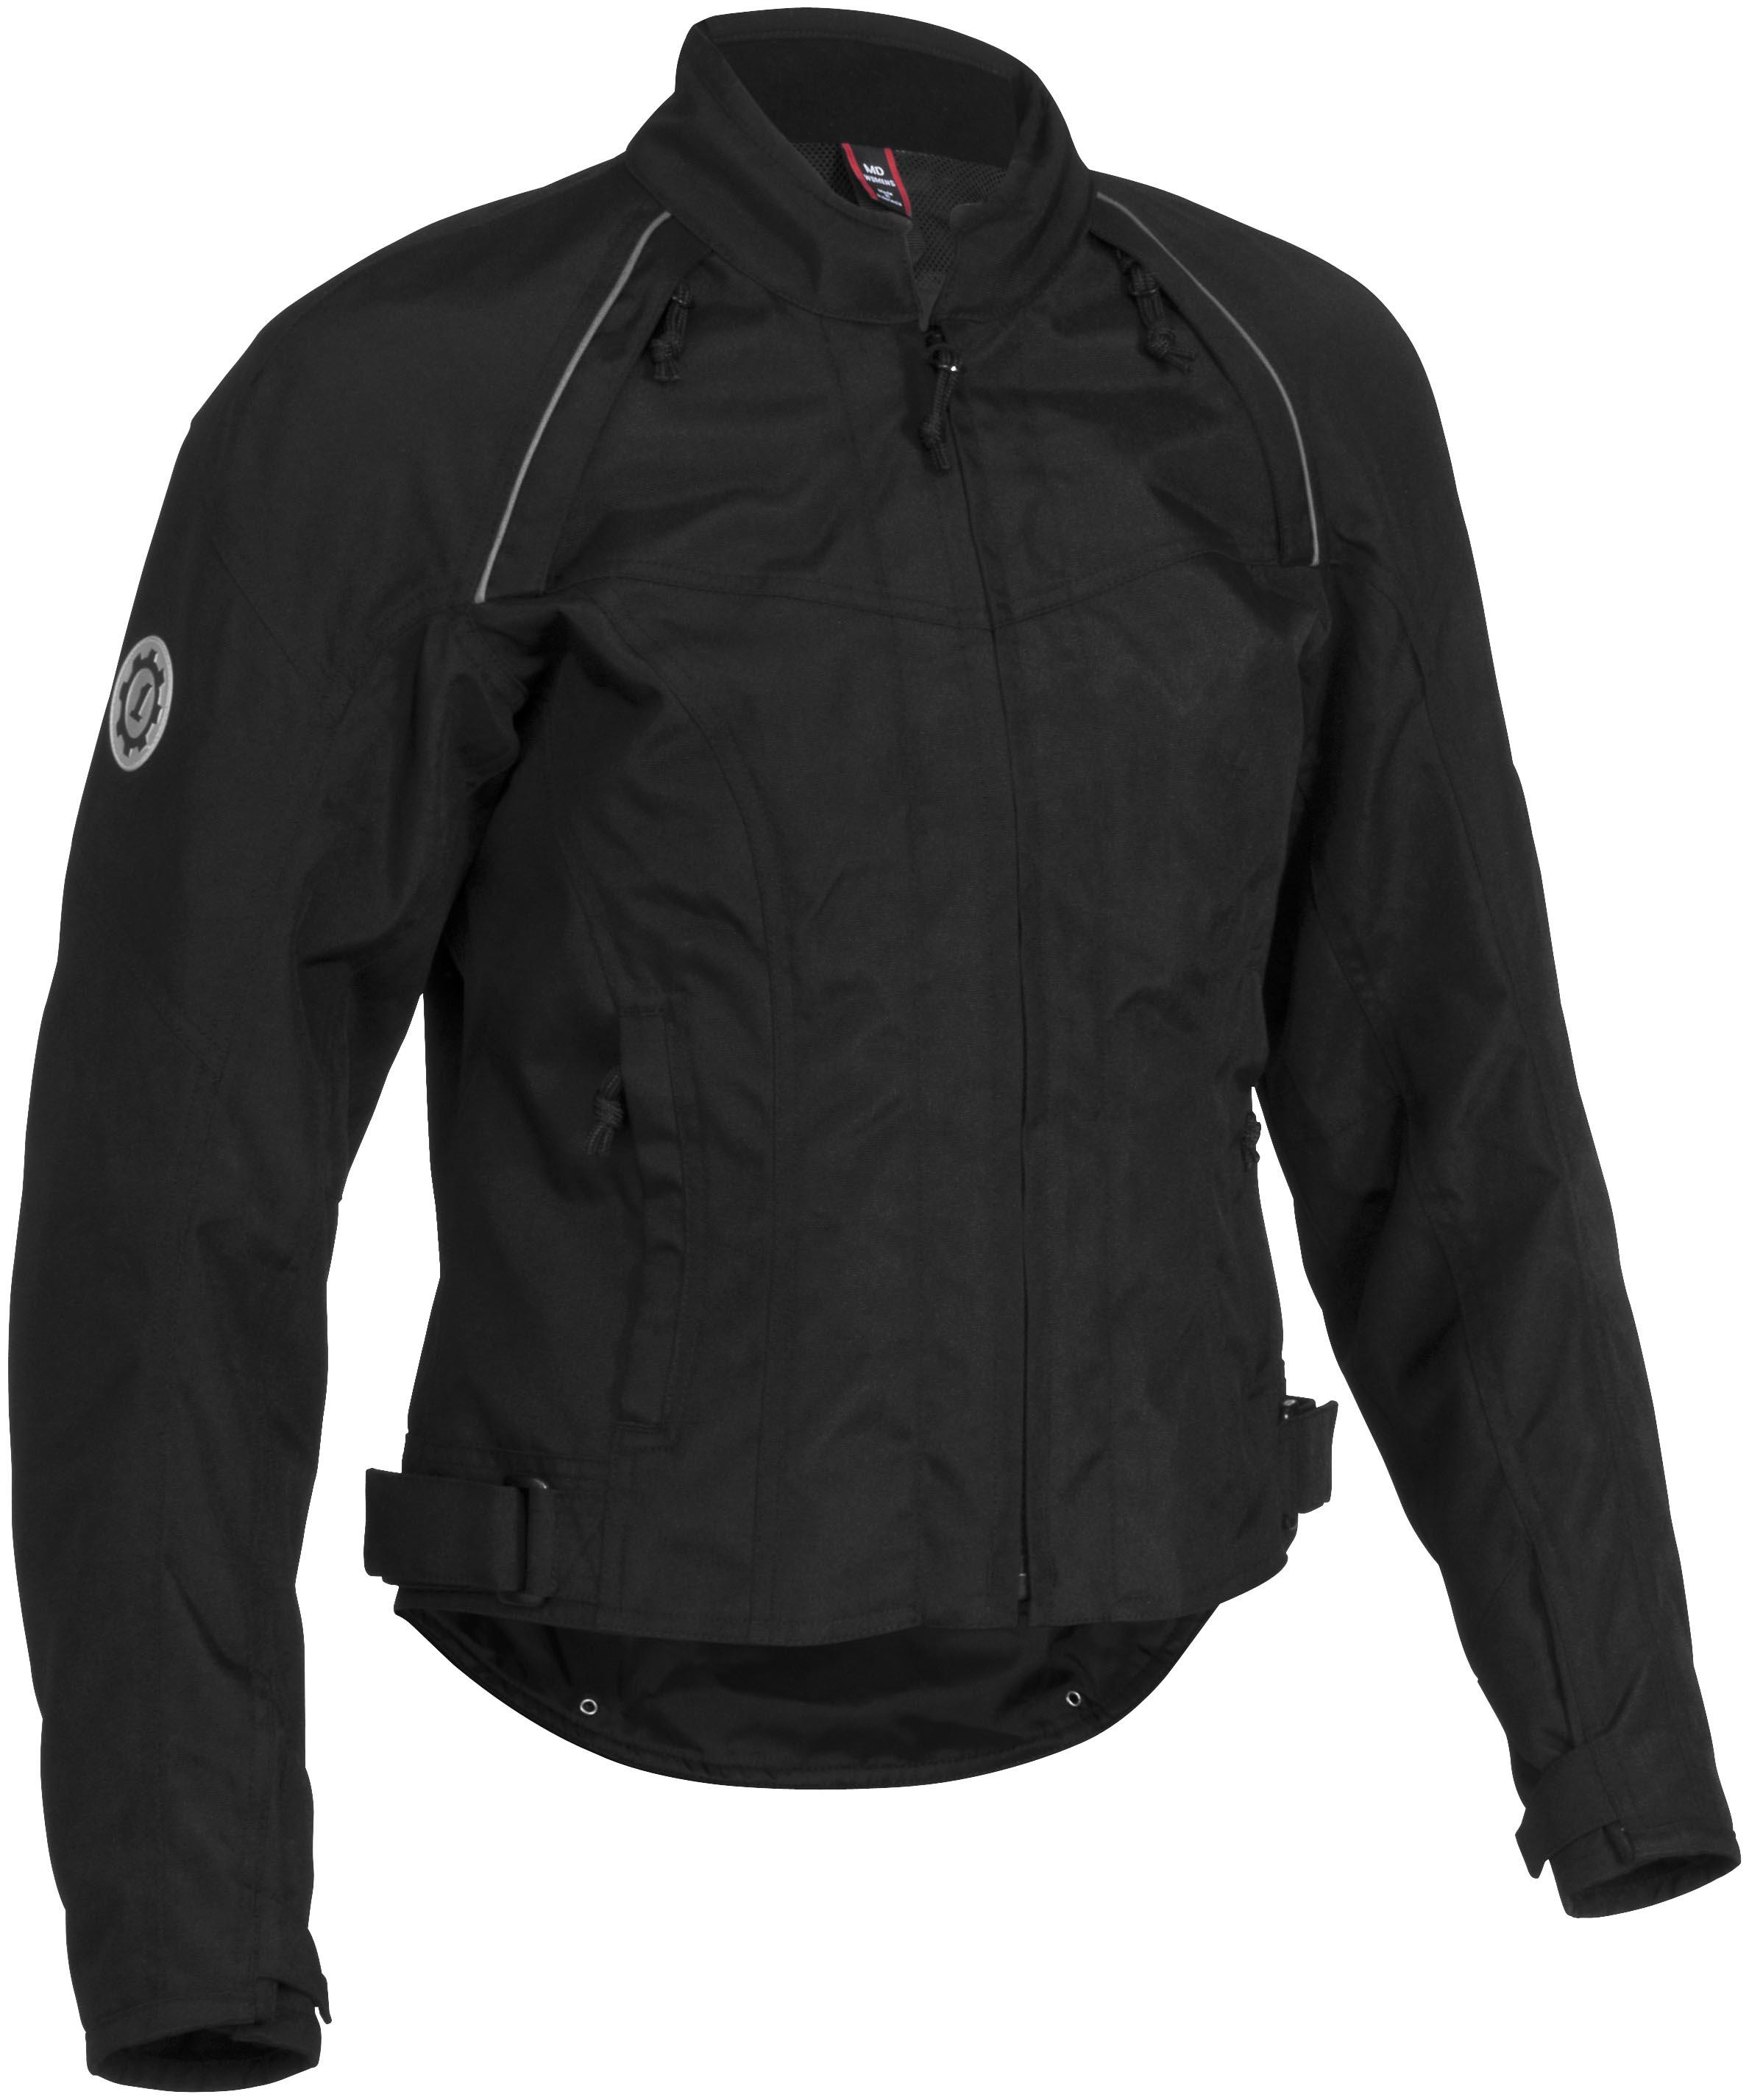 Firstgear Contour Tex Jacket